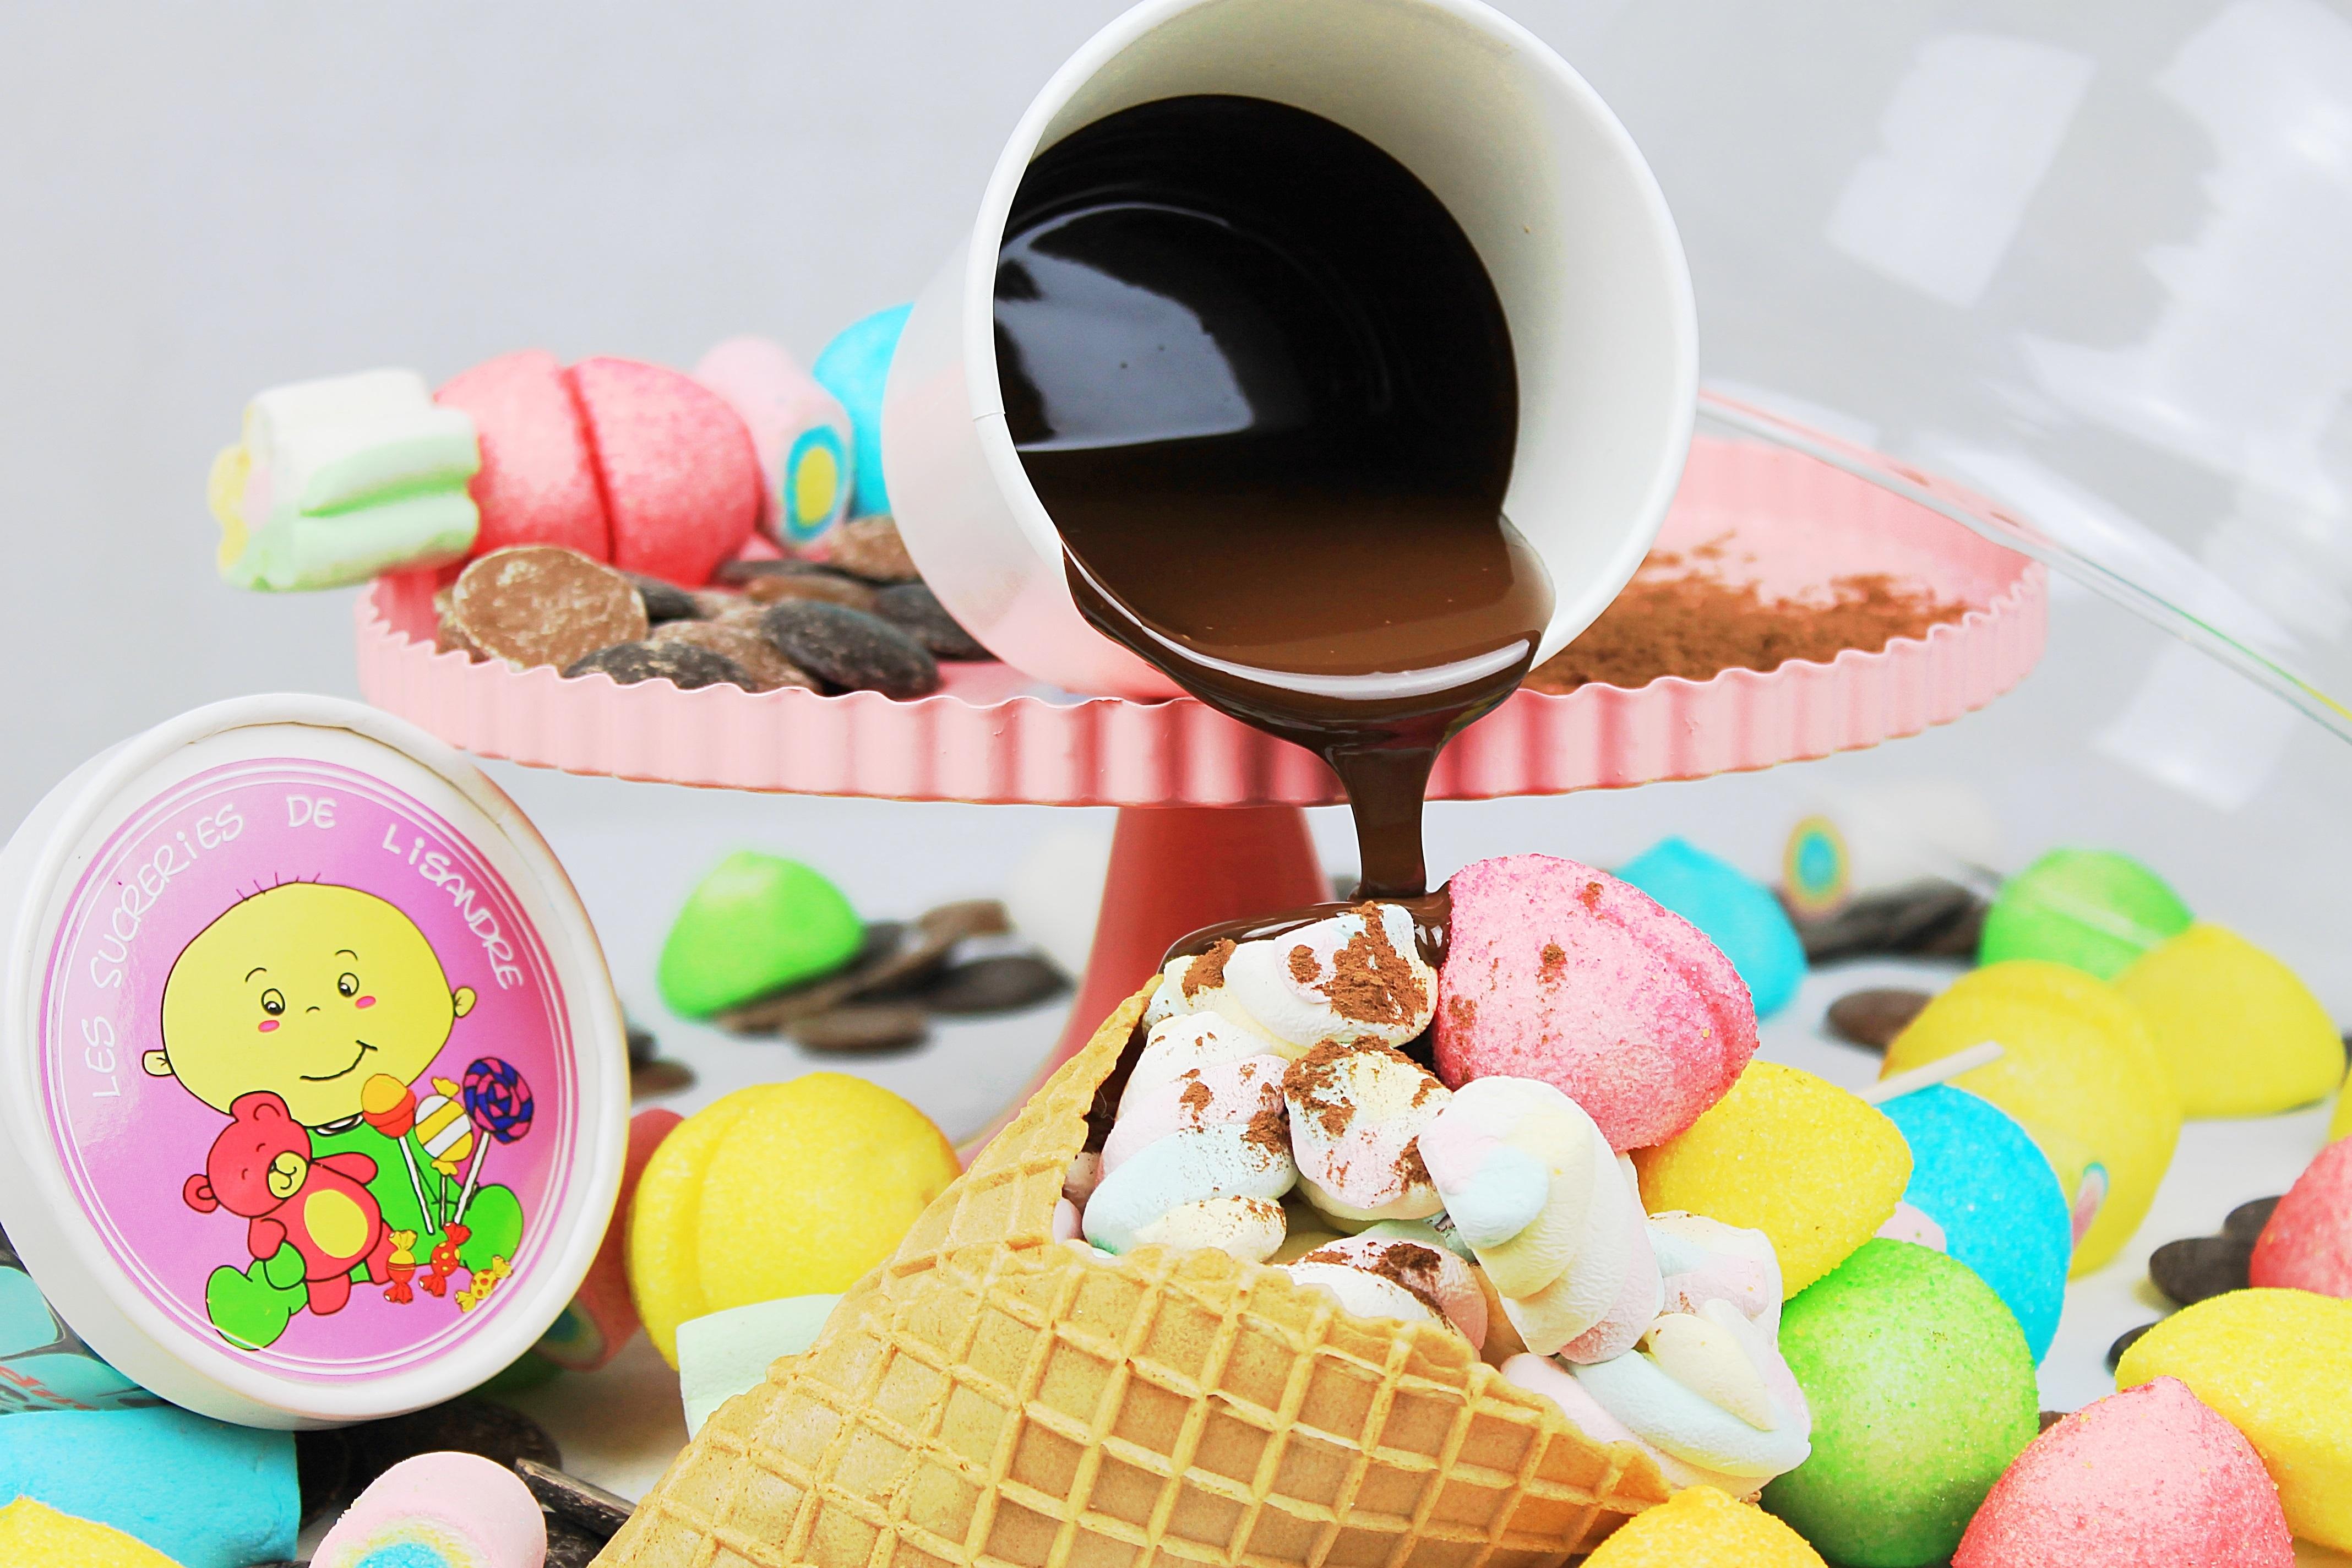 La chocolaterie de Lisandre